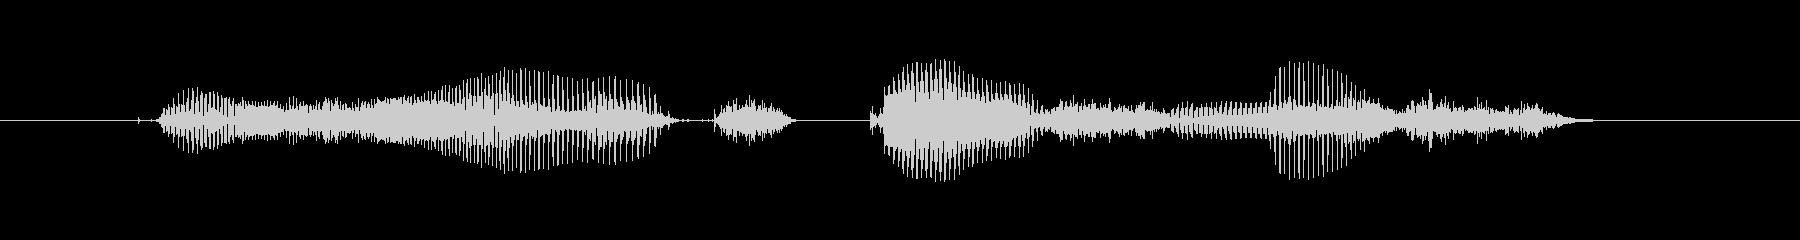 【時報・時間】2時をお伝えしますの未再生の波形